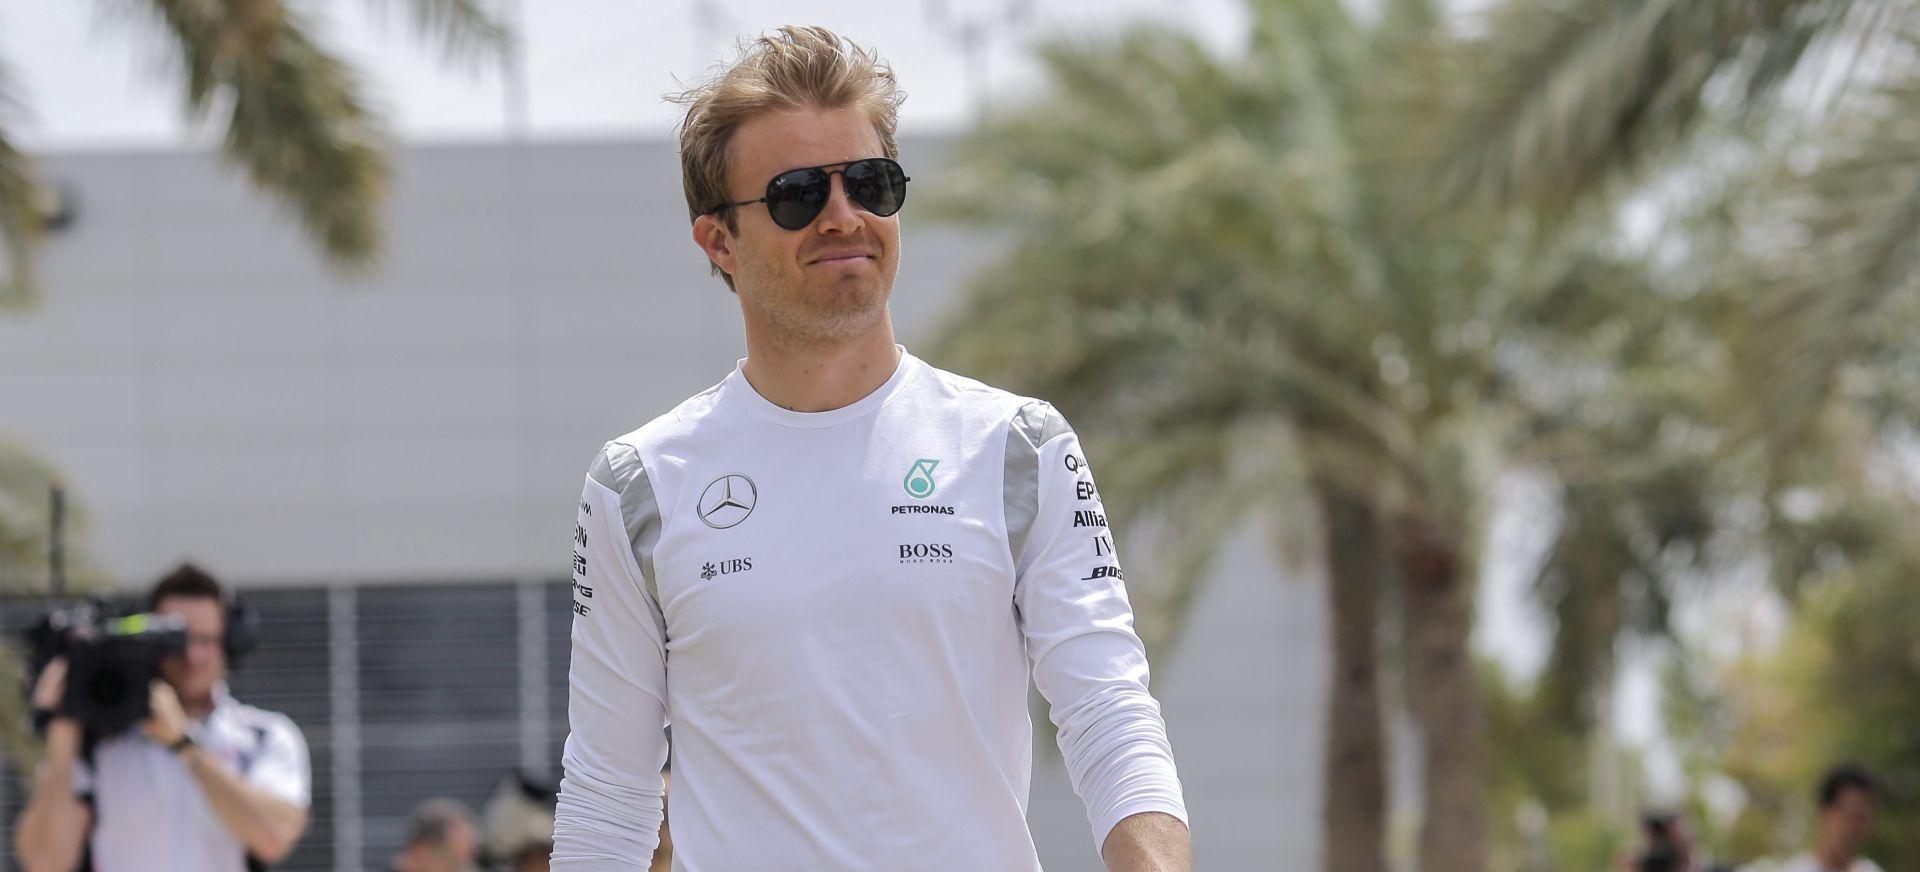 F1: Rosberg najbrži na prvom slobodnom treningu u Bahreinu